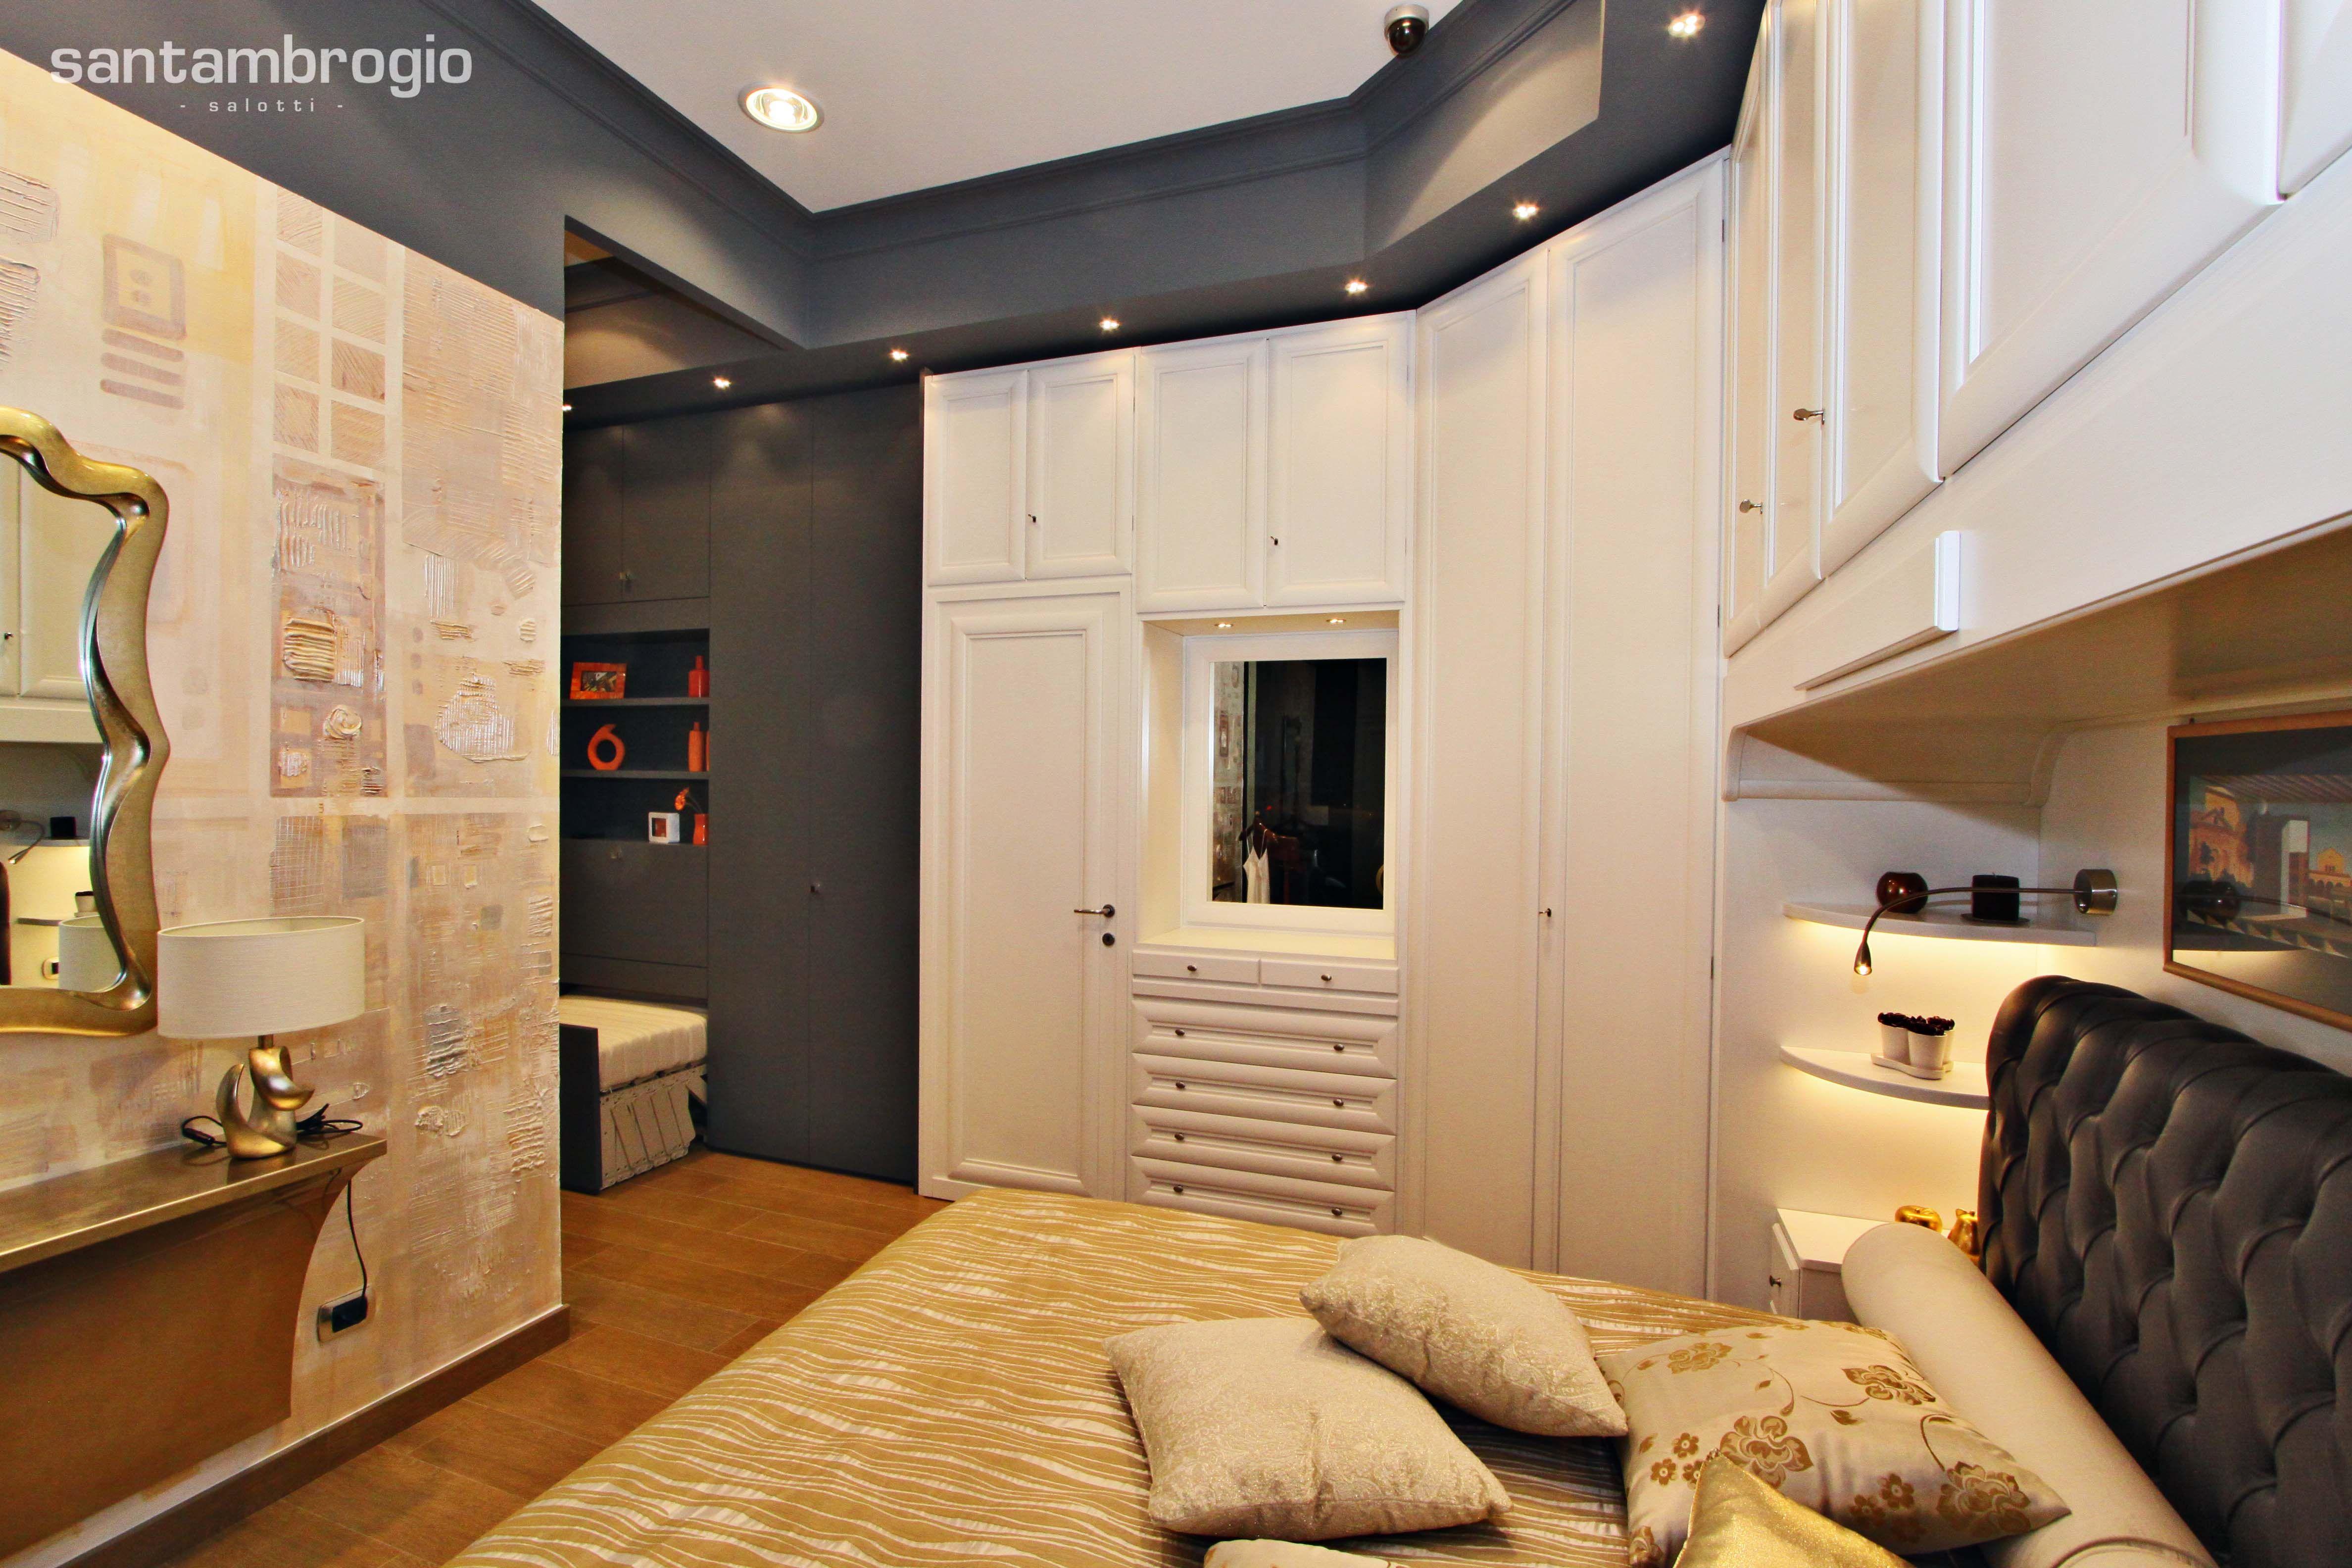 Camera da #letto - particolari | Show room Santambrogio Salotti a ...